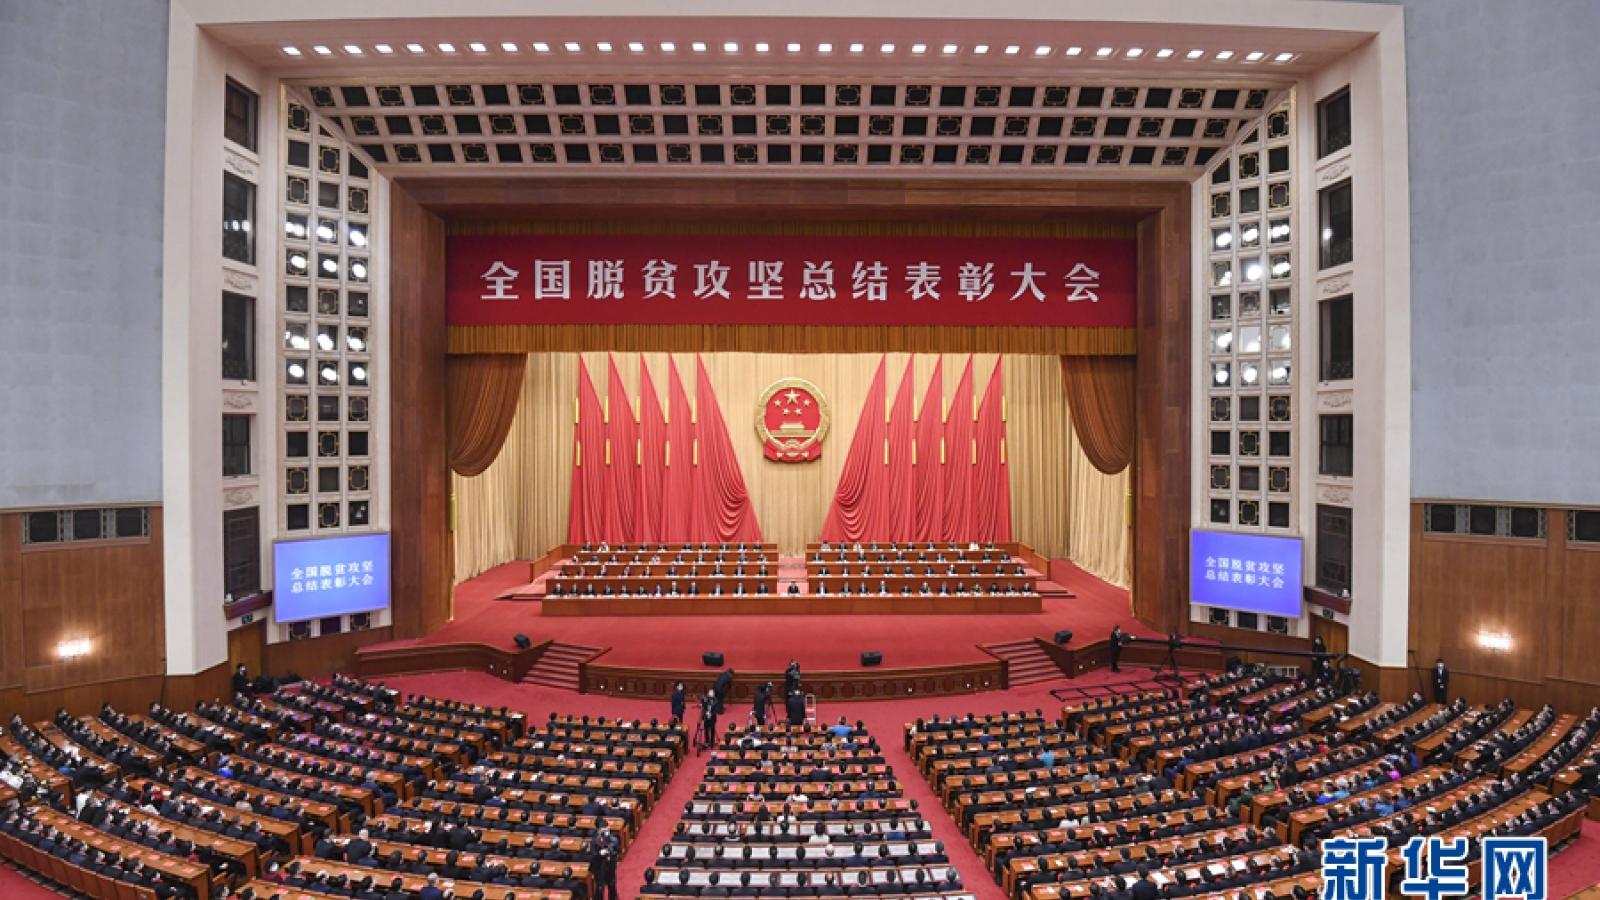 """Trung Quốc tuyên bố giành """"chiến thắng toàn diện"""" trong cuộc chiến thoát nghèo"""